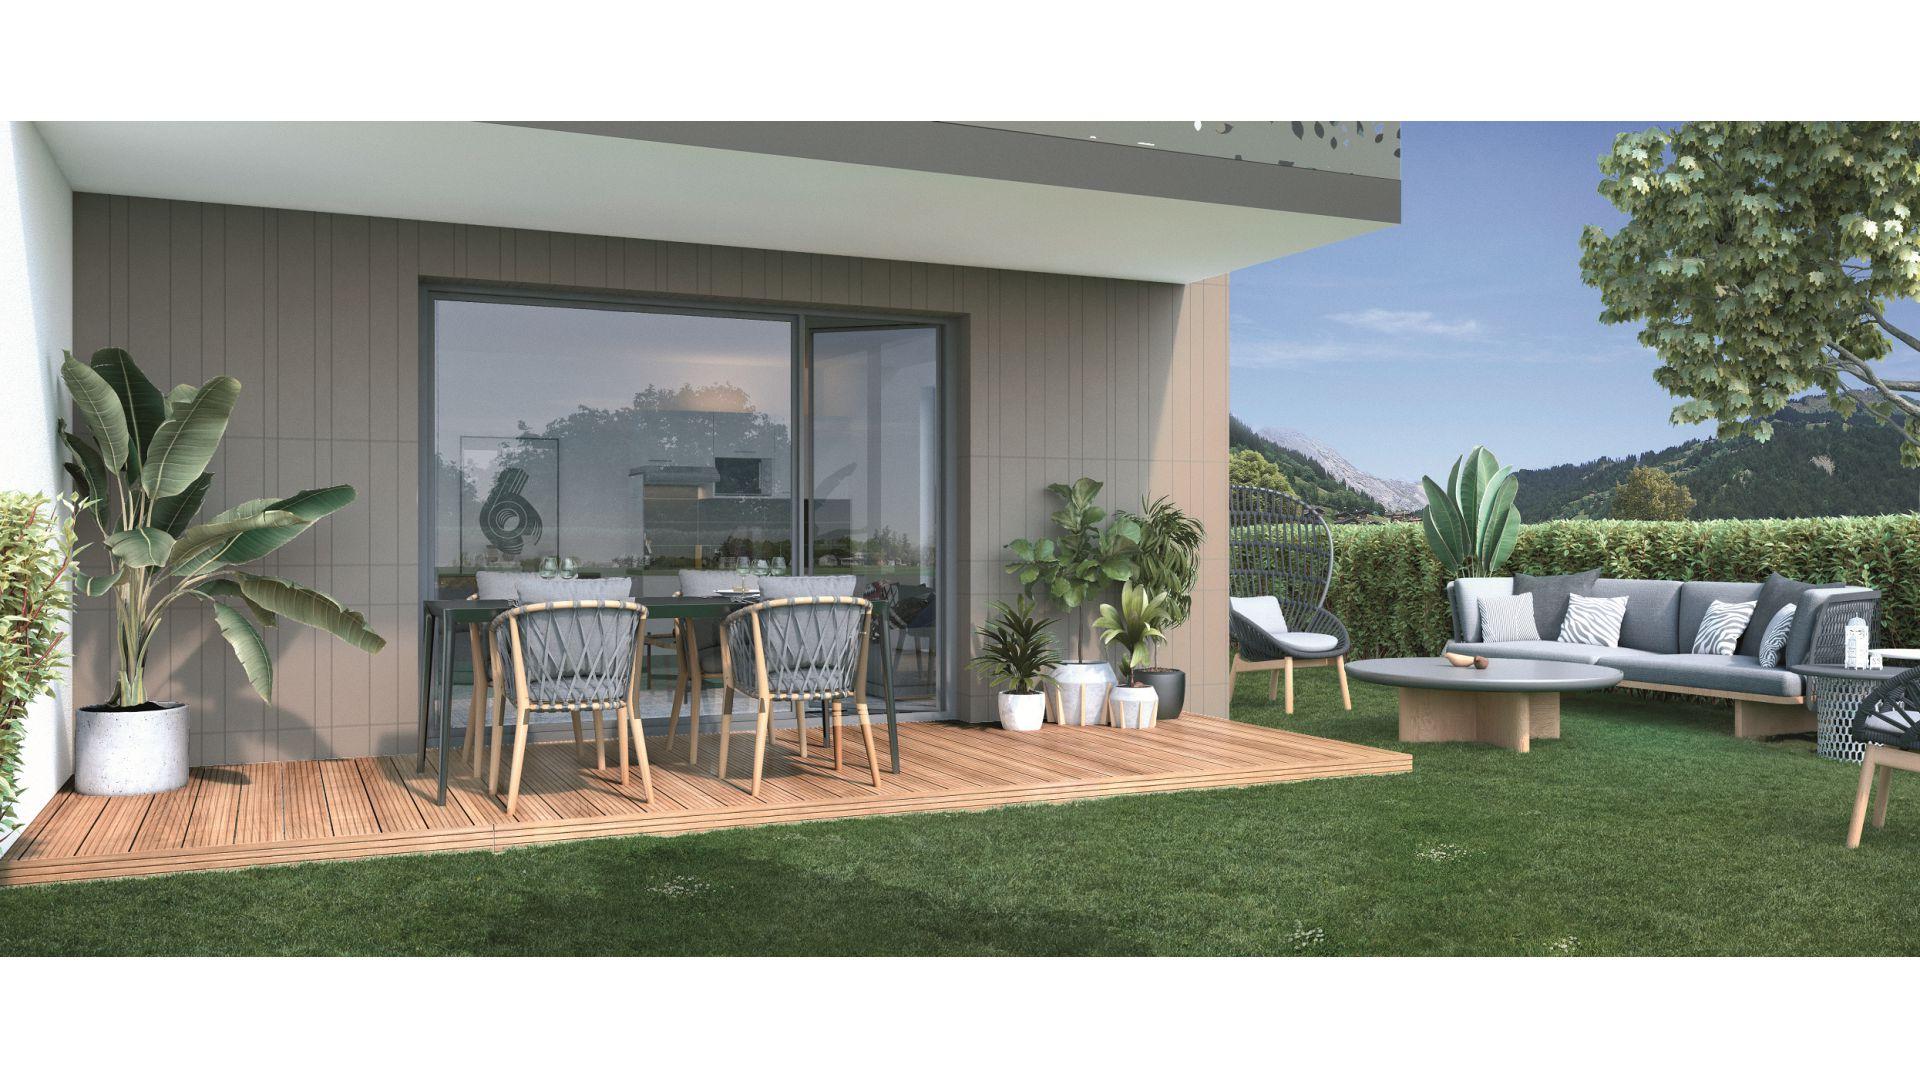 GreenCity immobilier - Thyez - 74300 - proche Genève - Résidence Le Jardin D'Aubeline - Appartements neuf du T1 au T3 - vue terrasse